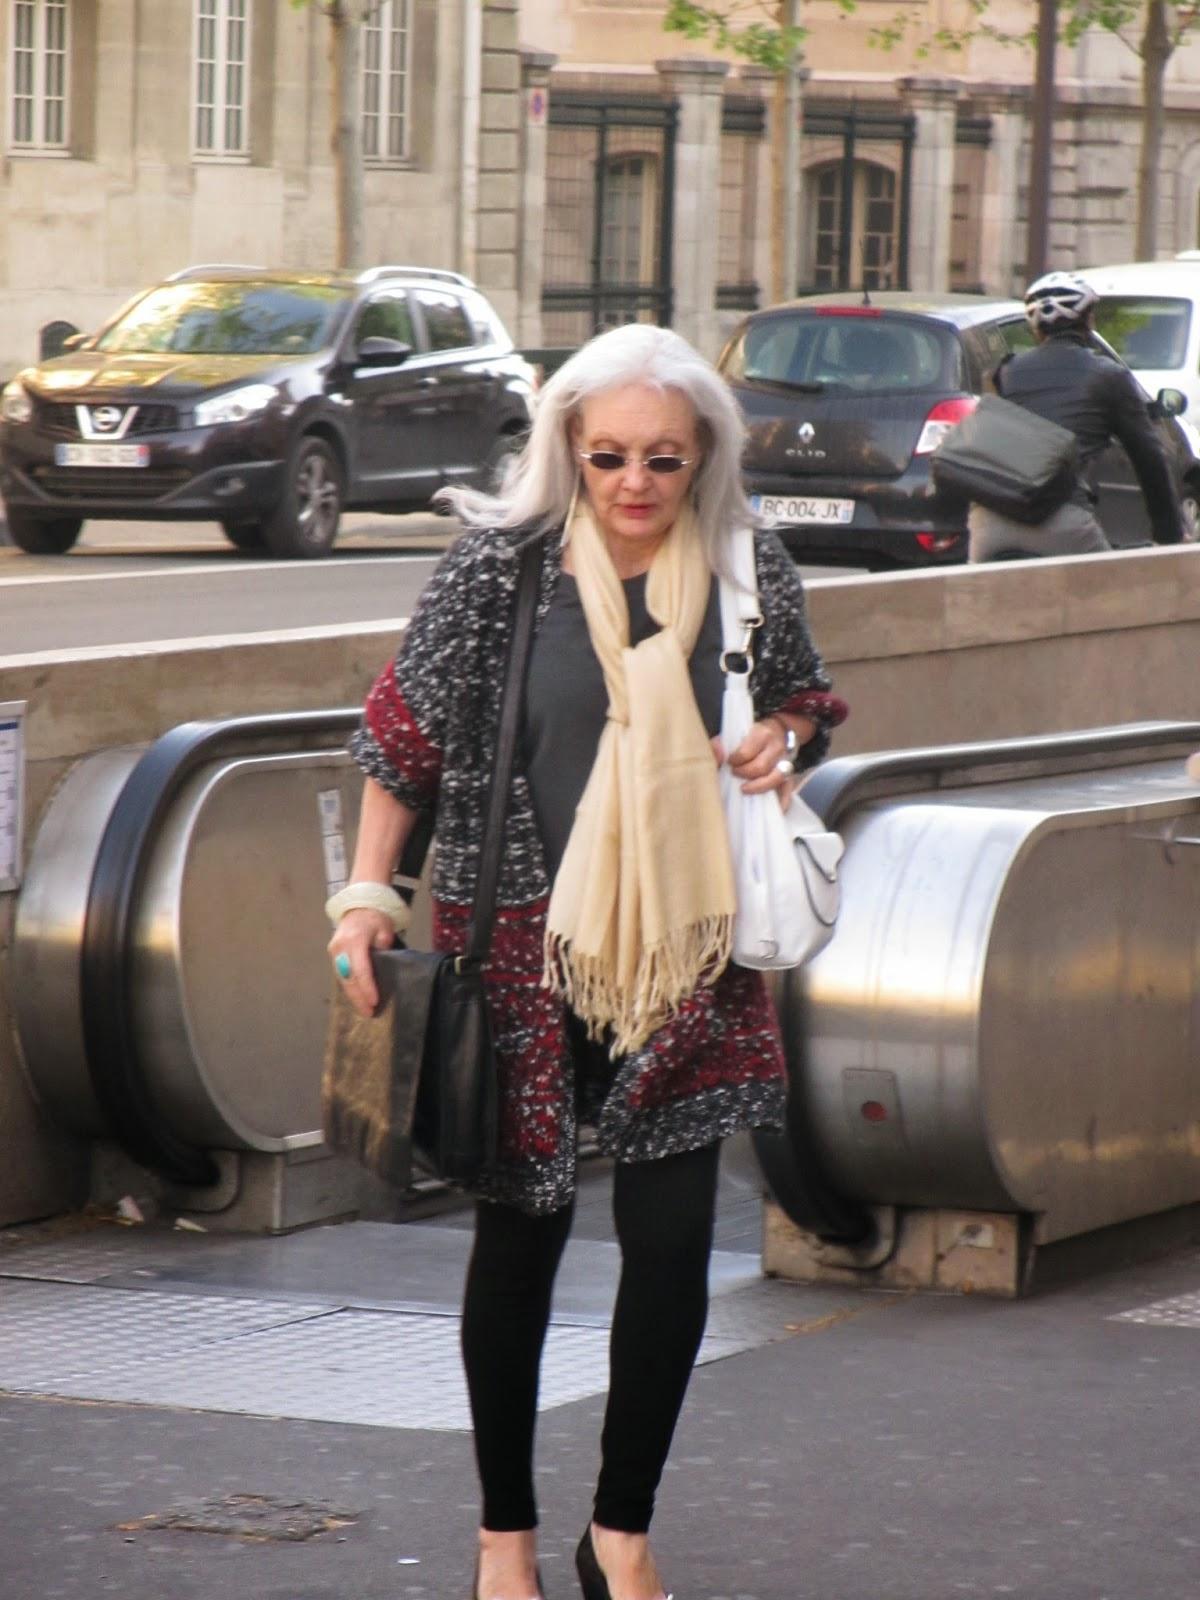 April in Paris: What real women wear - Passage des Perles